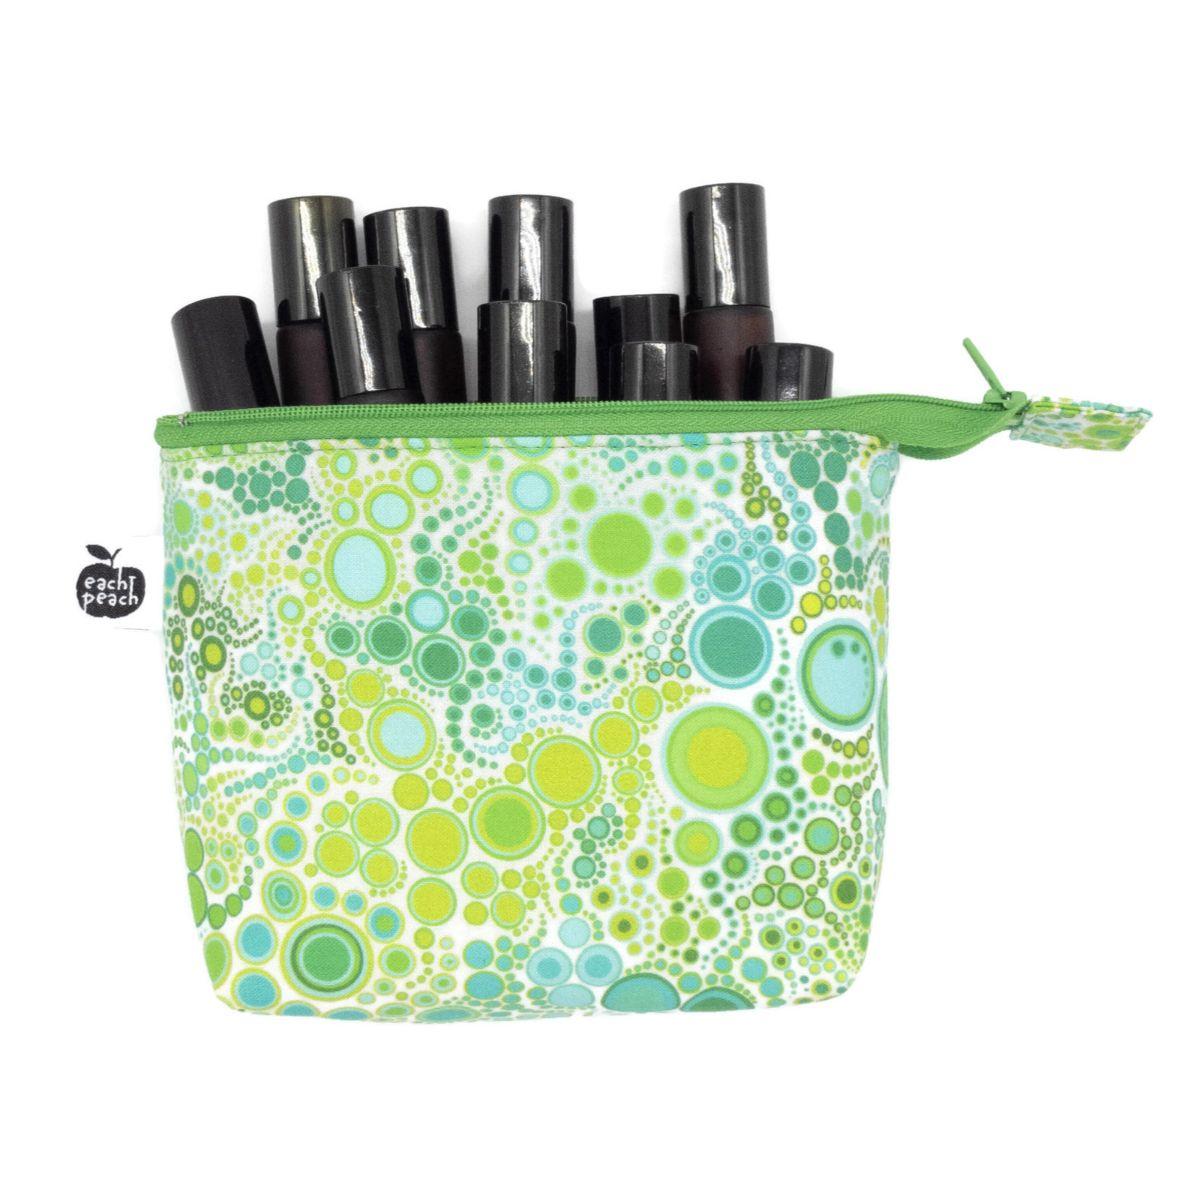 essential-oil-clutch-green